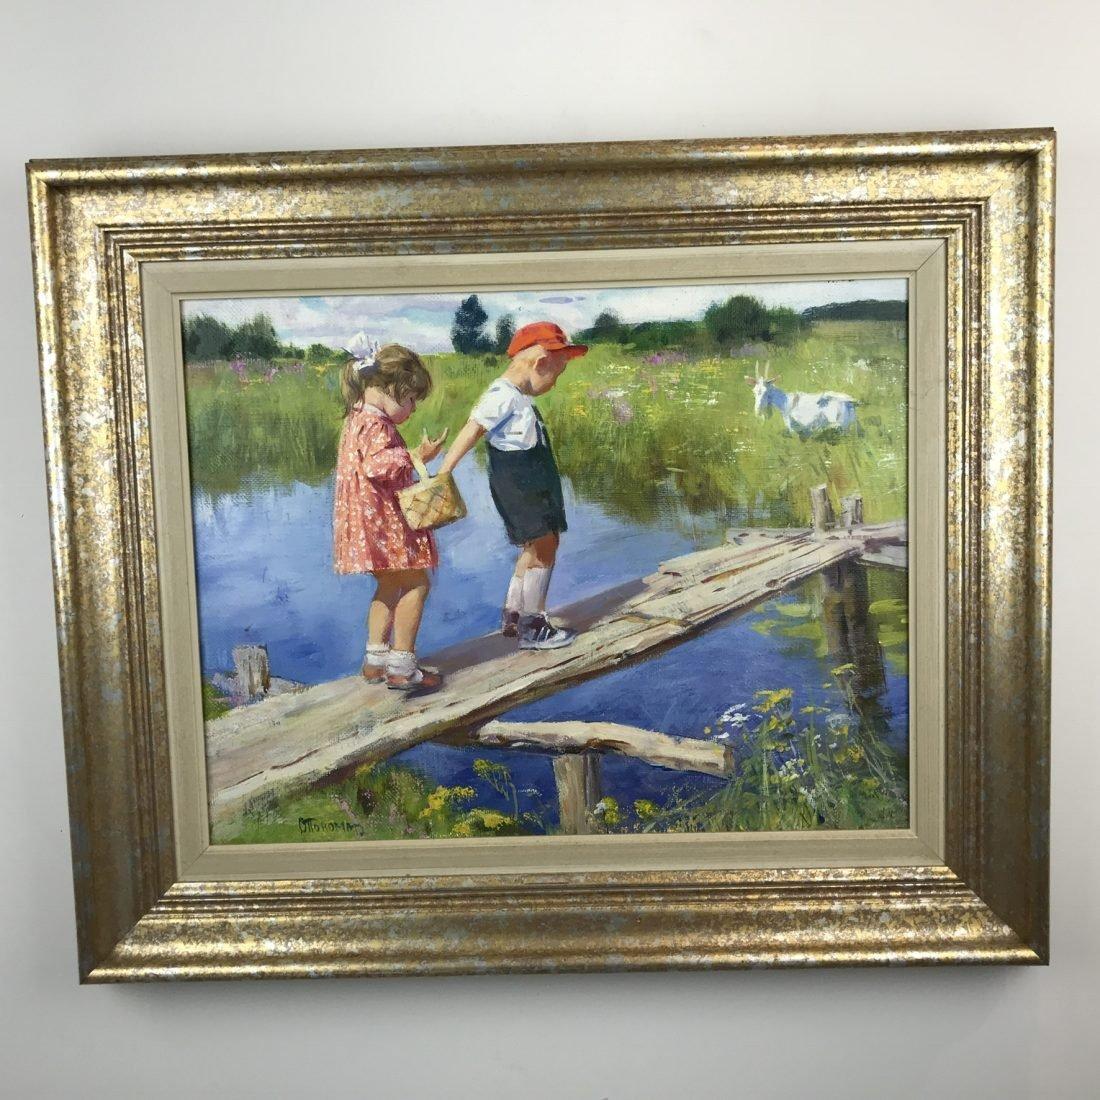 Kinderen bij het water, olieverf op doek, 20e eeuw, Russische